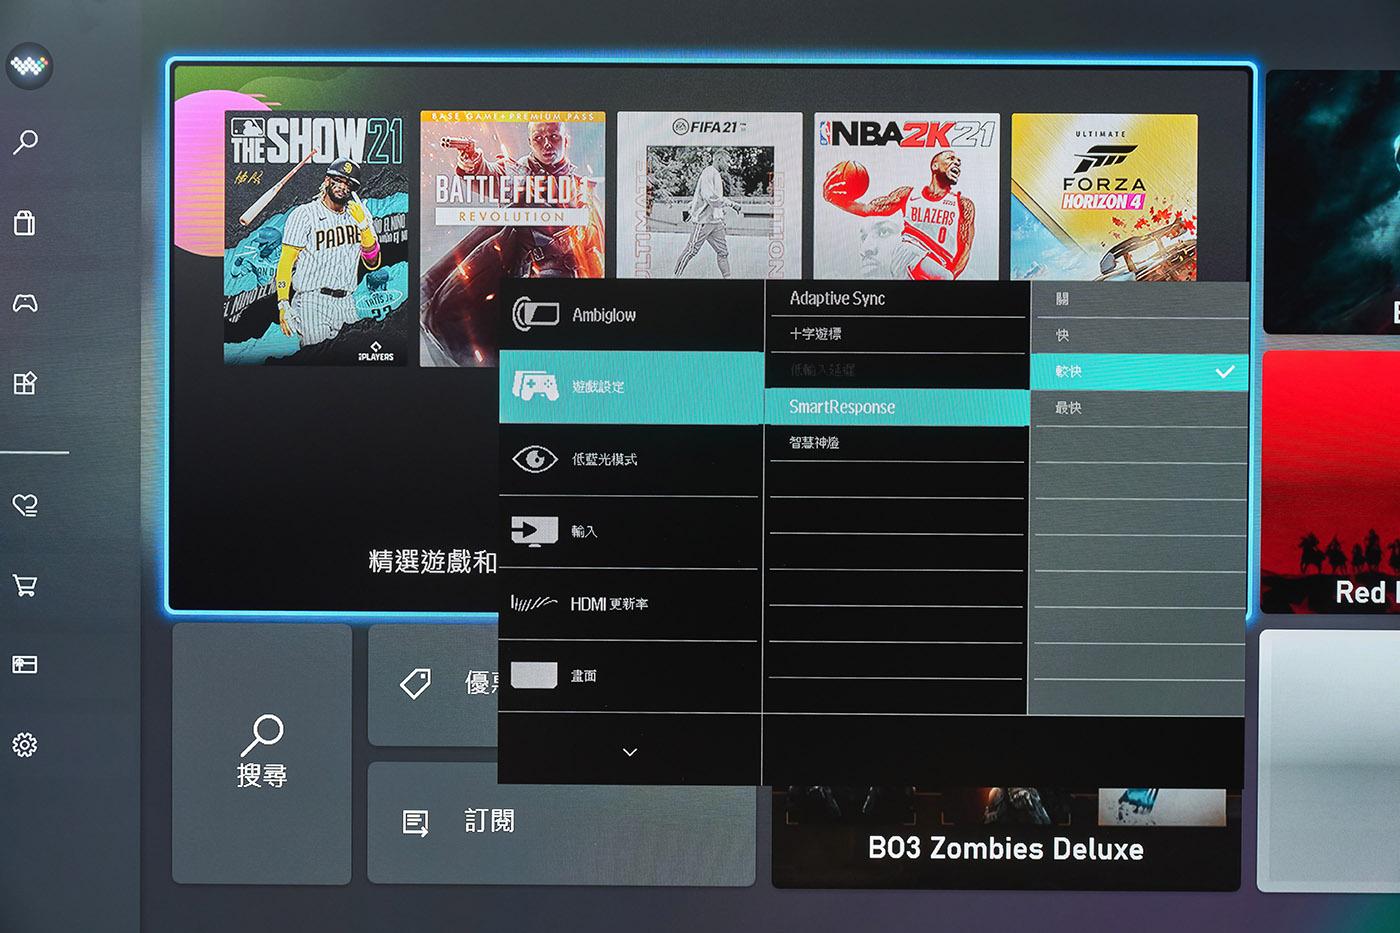 其中SmartResponse 可另行設置關/快/較快/最快,以提升遊戲中螢幕反應速度,讓移動畫面清晰度提升。